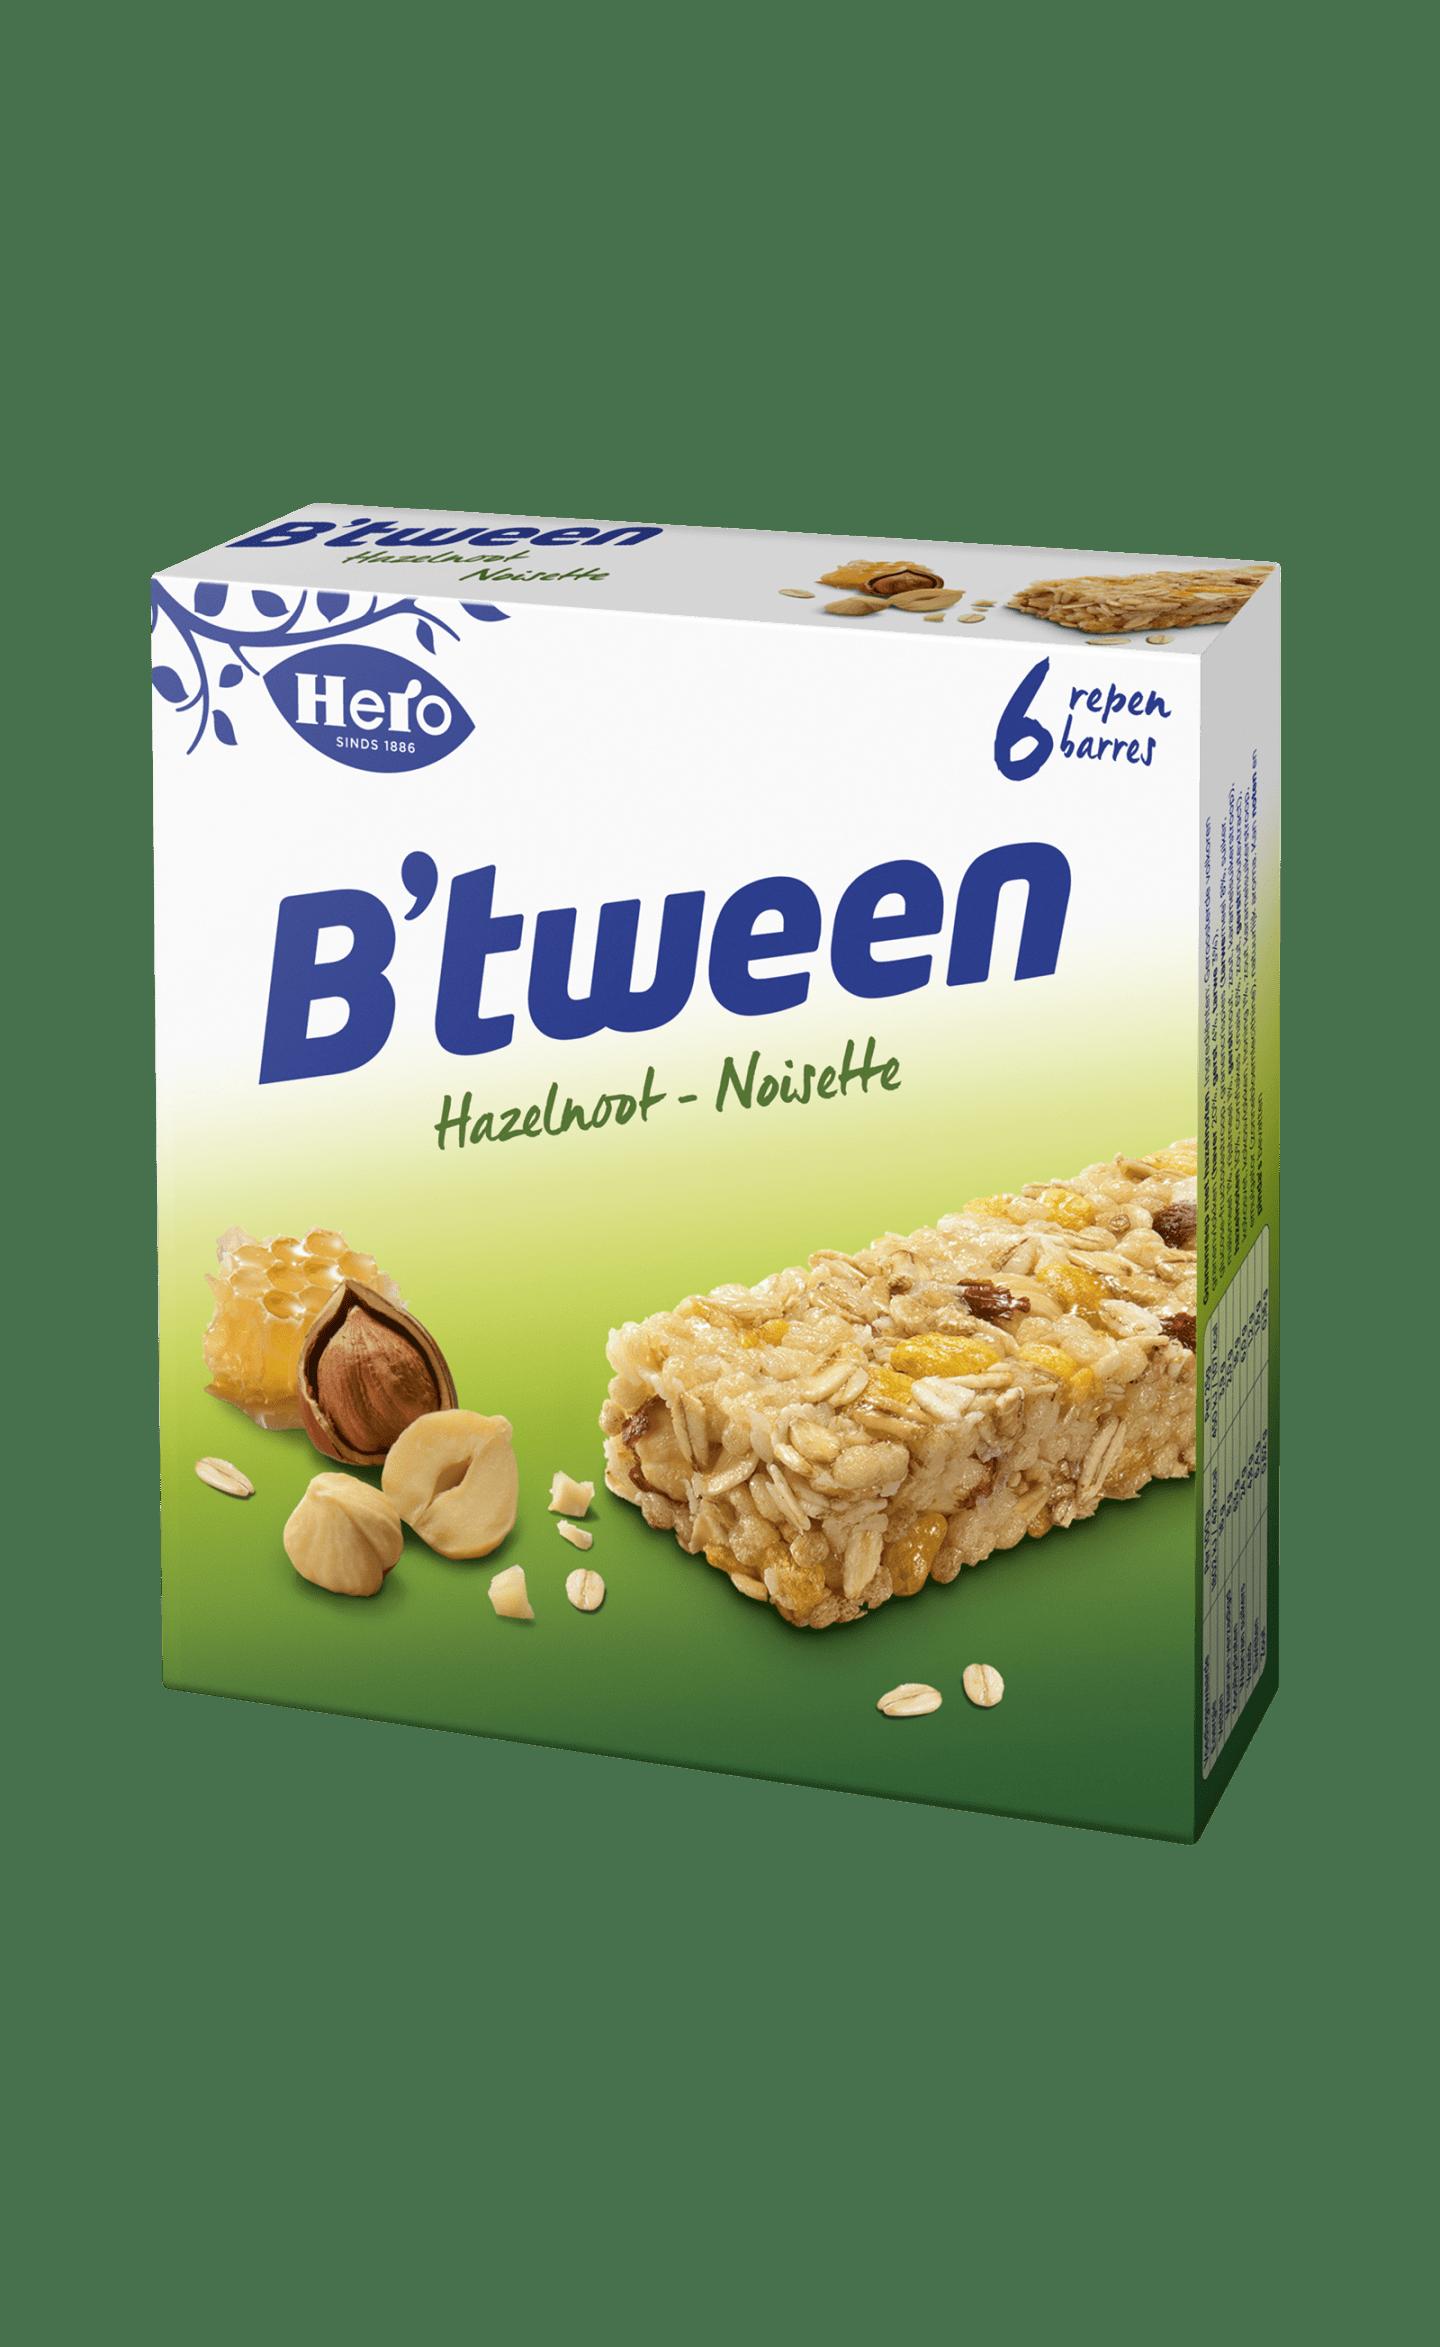 B'tween Hazelnoot